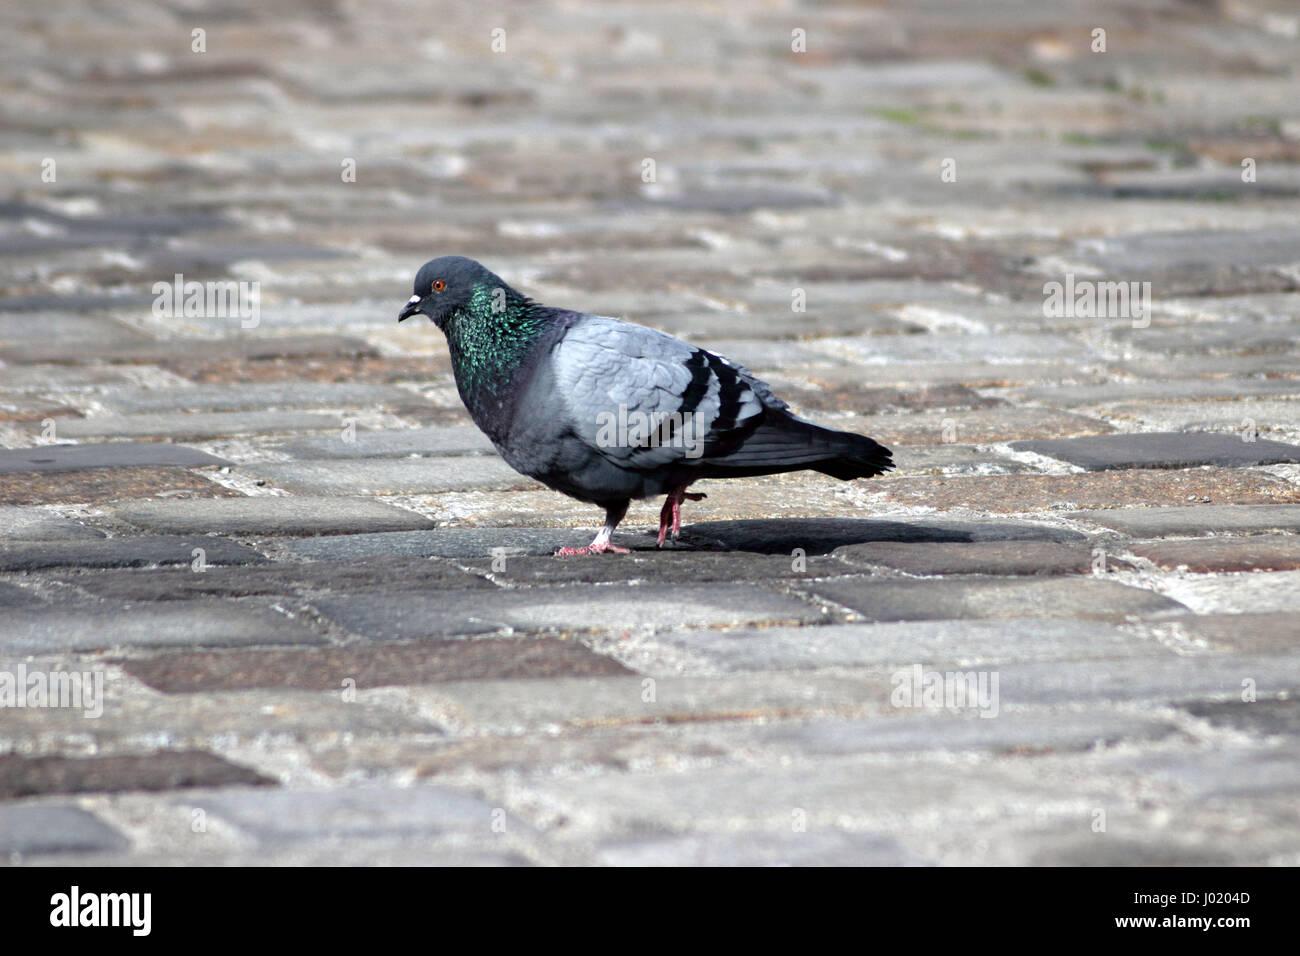 Pigeon walking - Stock Image